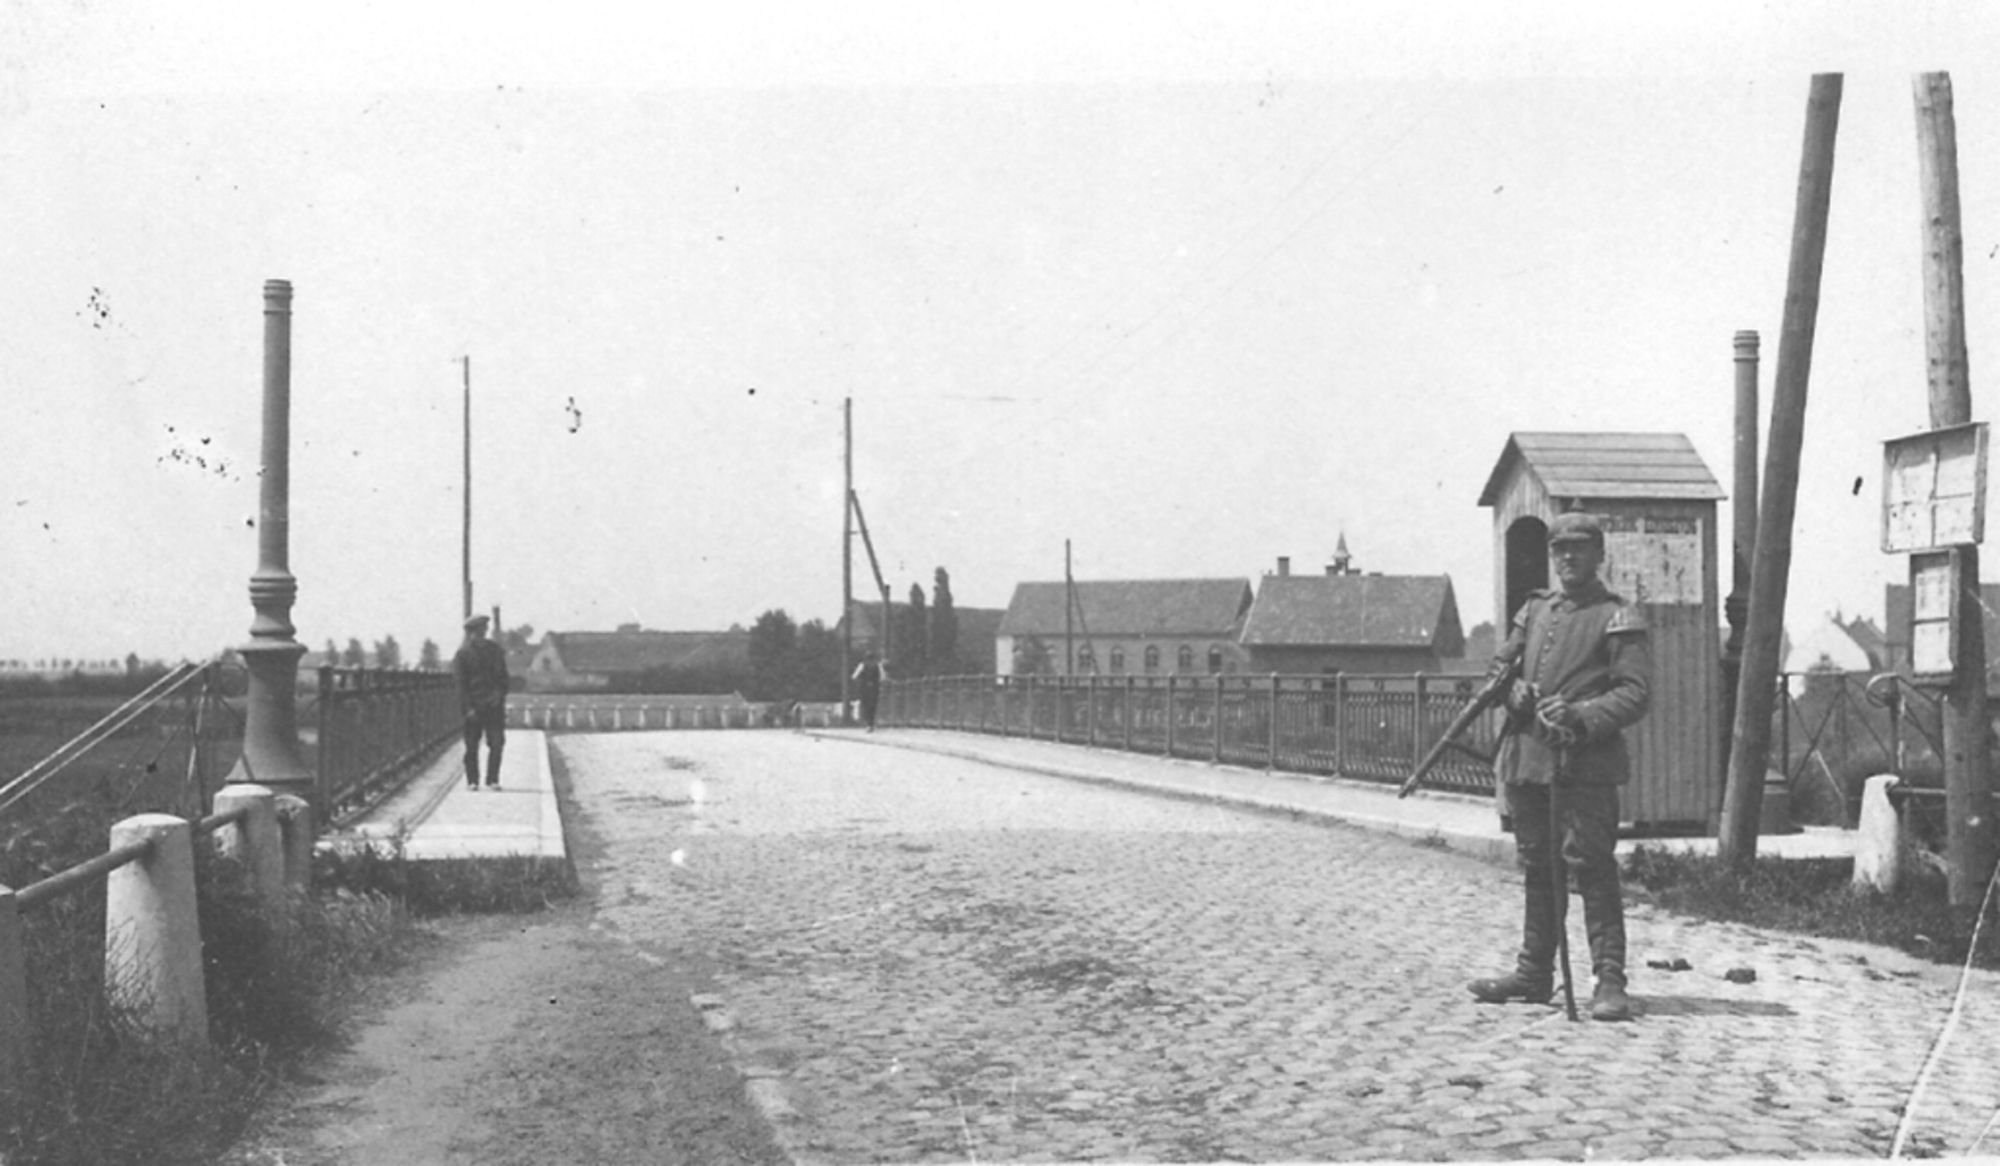 Marke in 1918